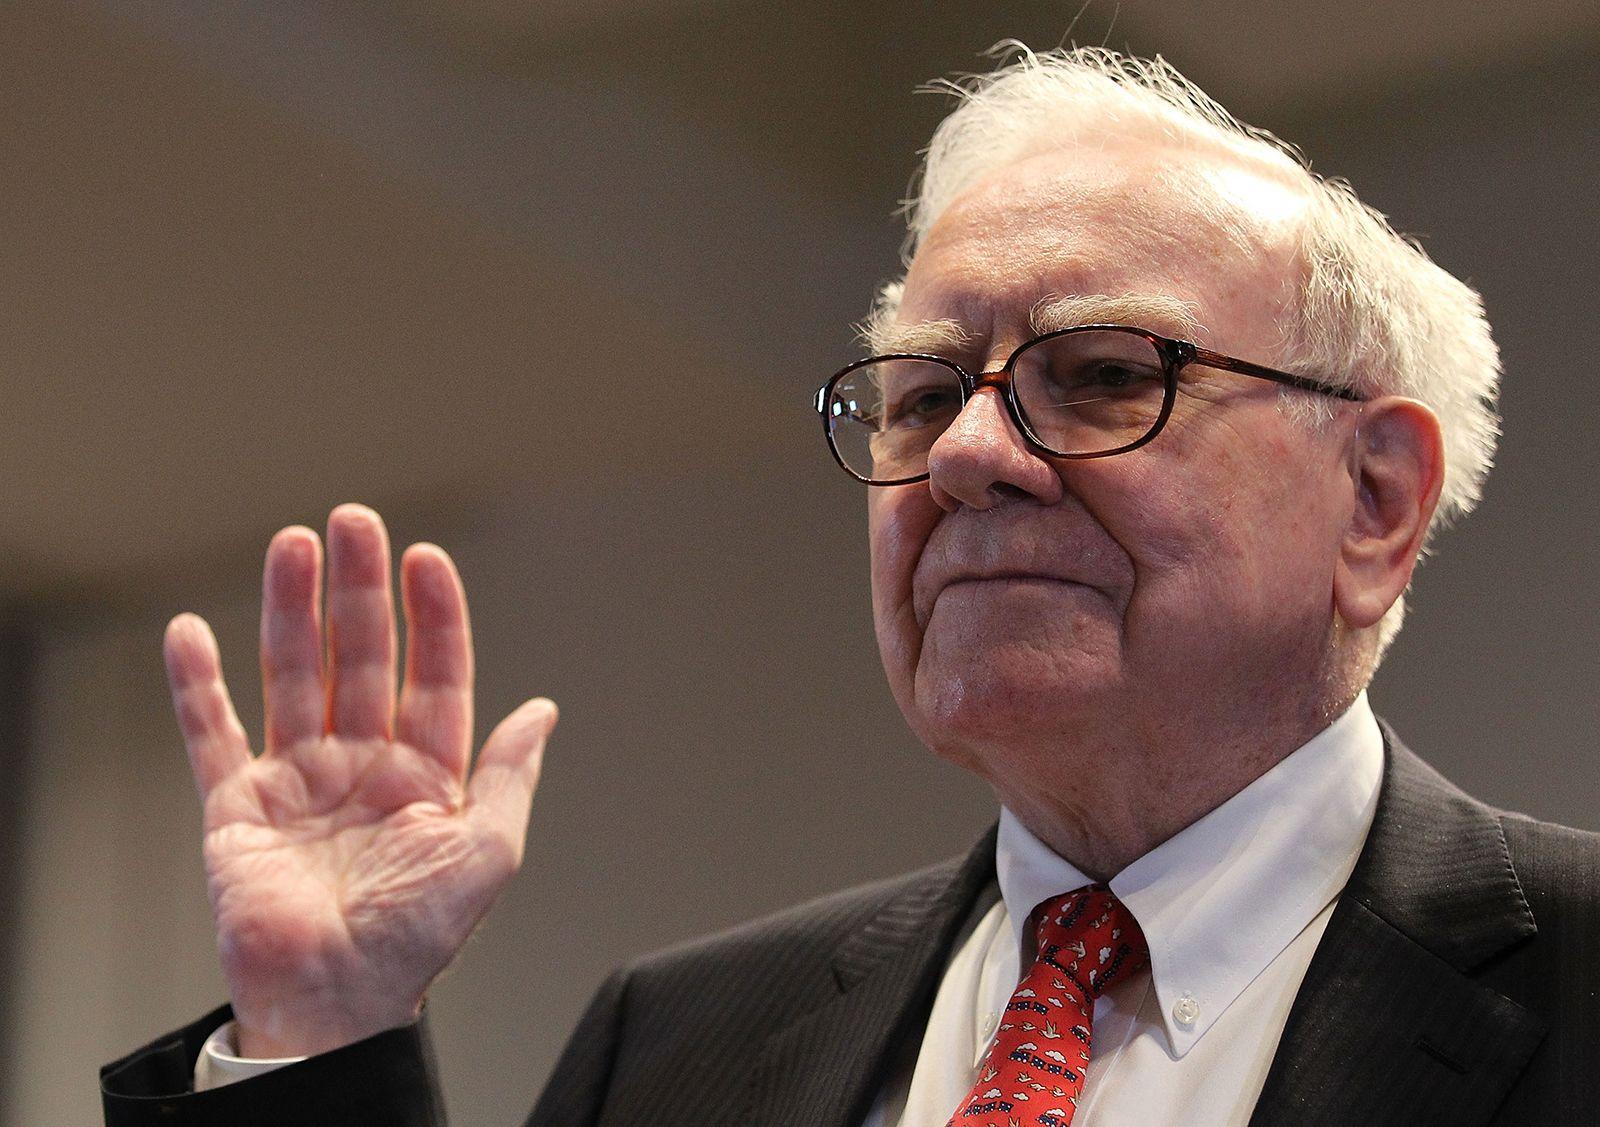 Cuộc đời và sự nghiệp của Warren Buffett qua những tấm ảnh - Ảnh 13.